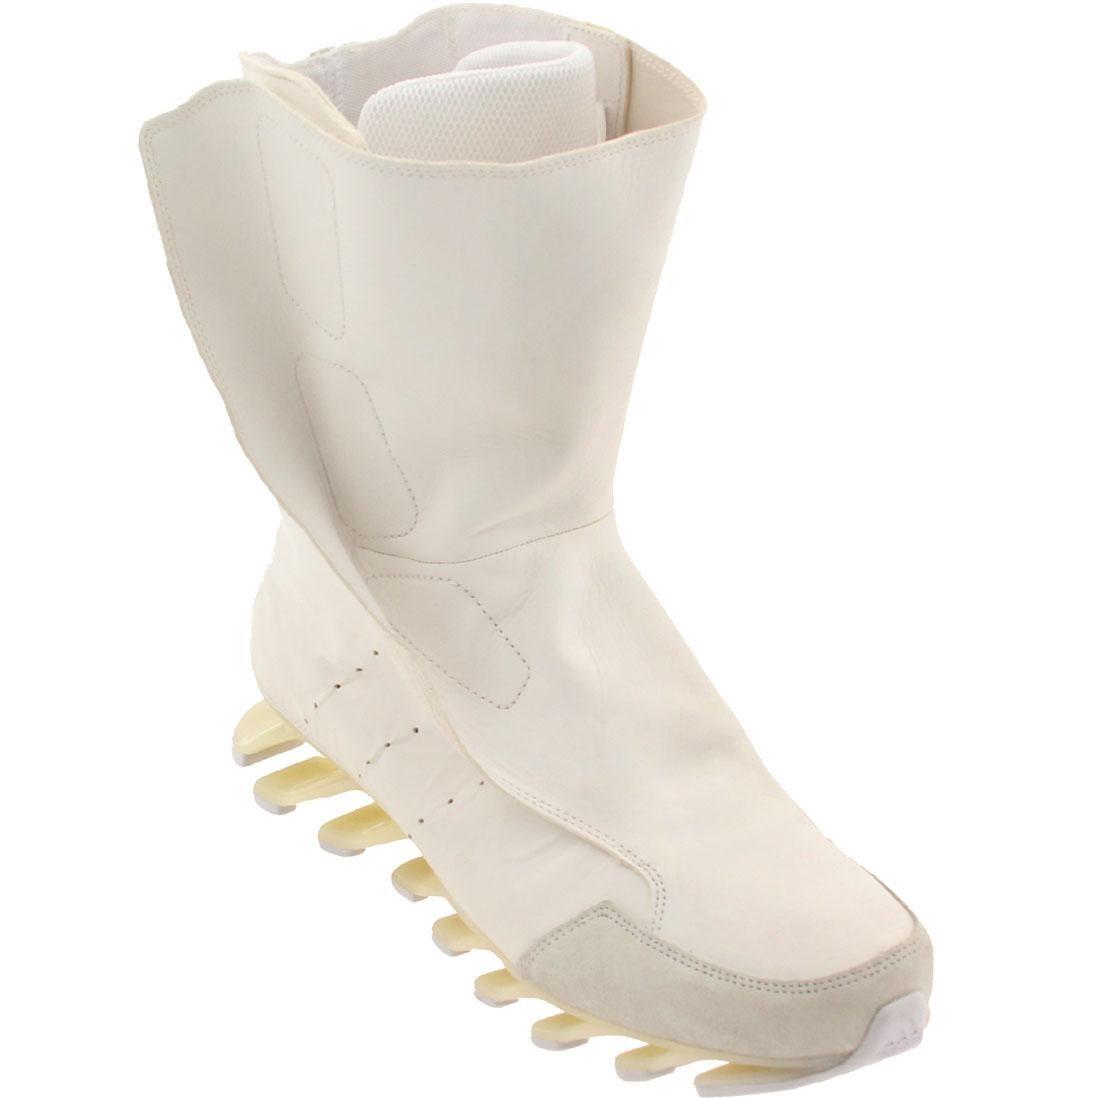 【海外限定】アディダス ハイ 白 ホワイト スニーカー 靴 【 ADIDAS WHITE X RICK OWENS MEN SPRINGBLADE HIGH BOOTS 】